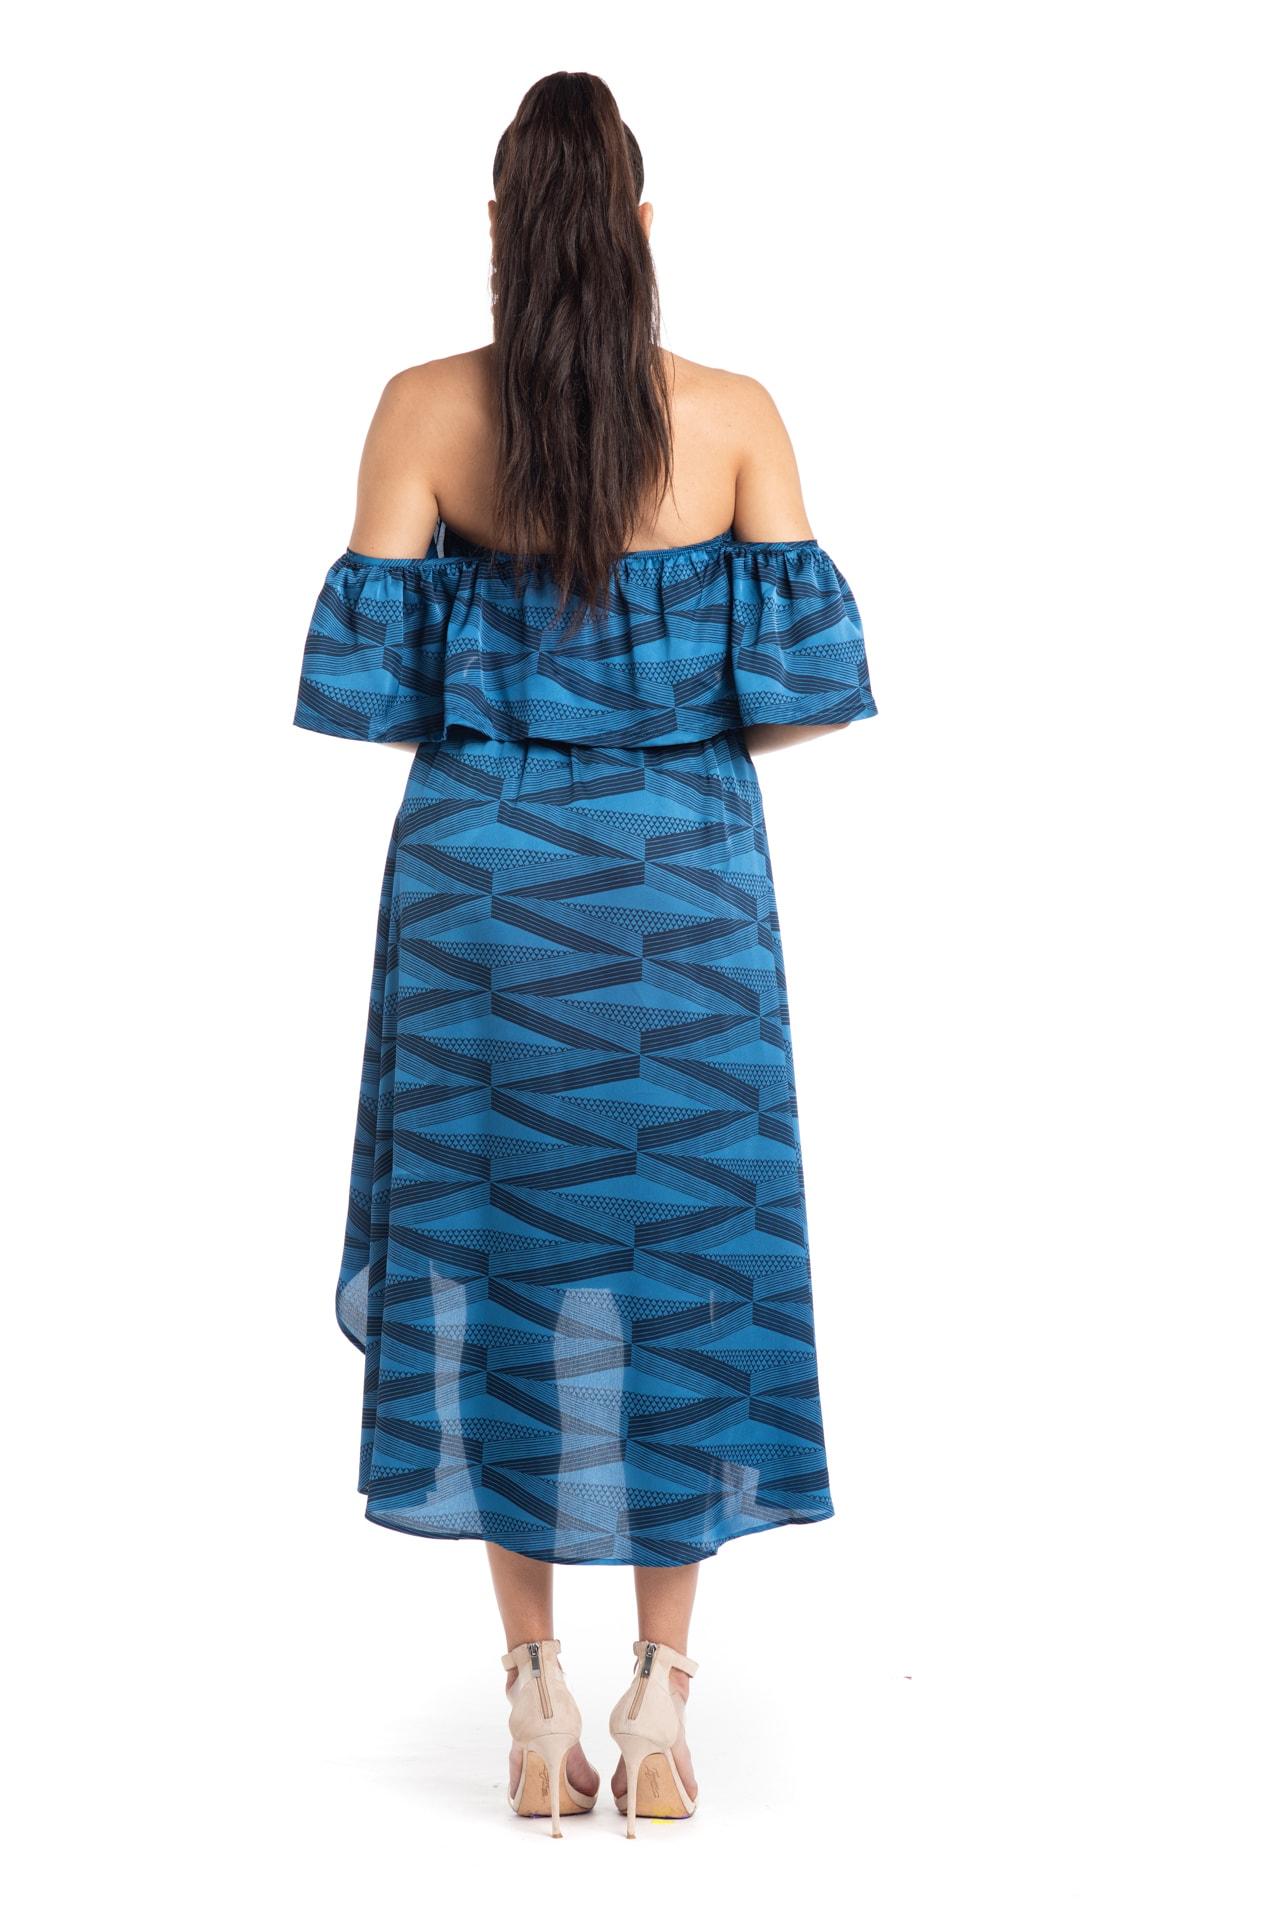 Model wearing Venus Dress in Blue - Back View